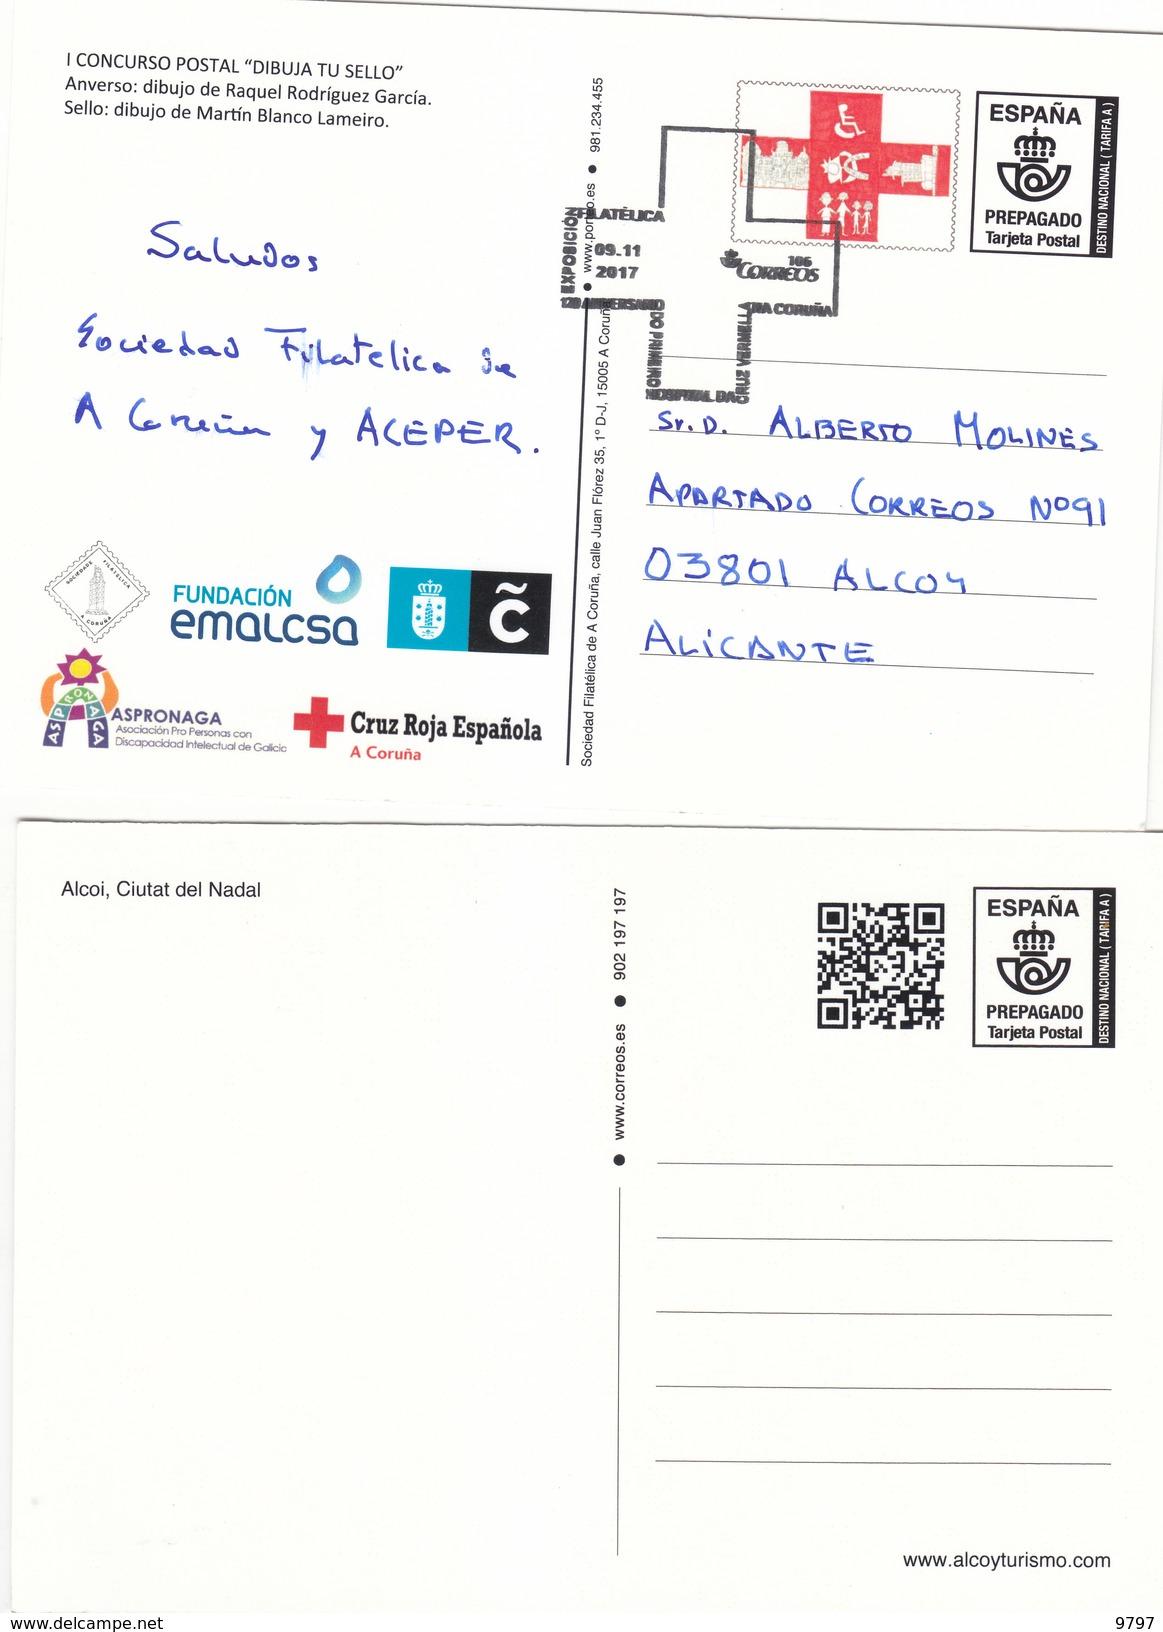 2 TARJETA POSTAL PREPAGO LA CORUÑA Y ALCOY 2017 - 6 TARJETAS ENTERO POSTAL NUEVAS 1988/1989 VER DESCRIPCION E IMAGEN. - Enteros Postales